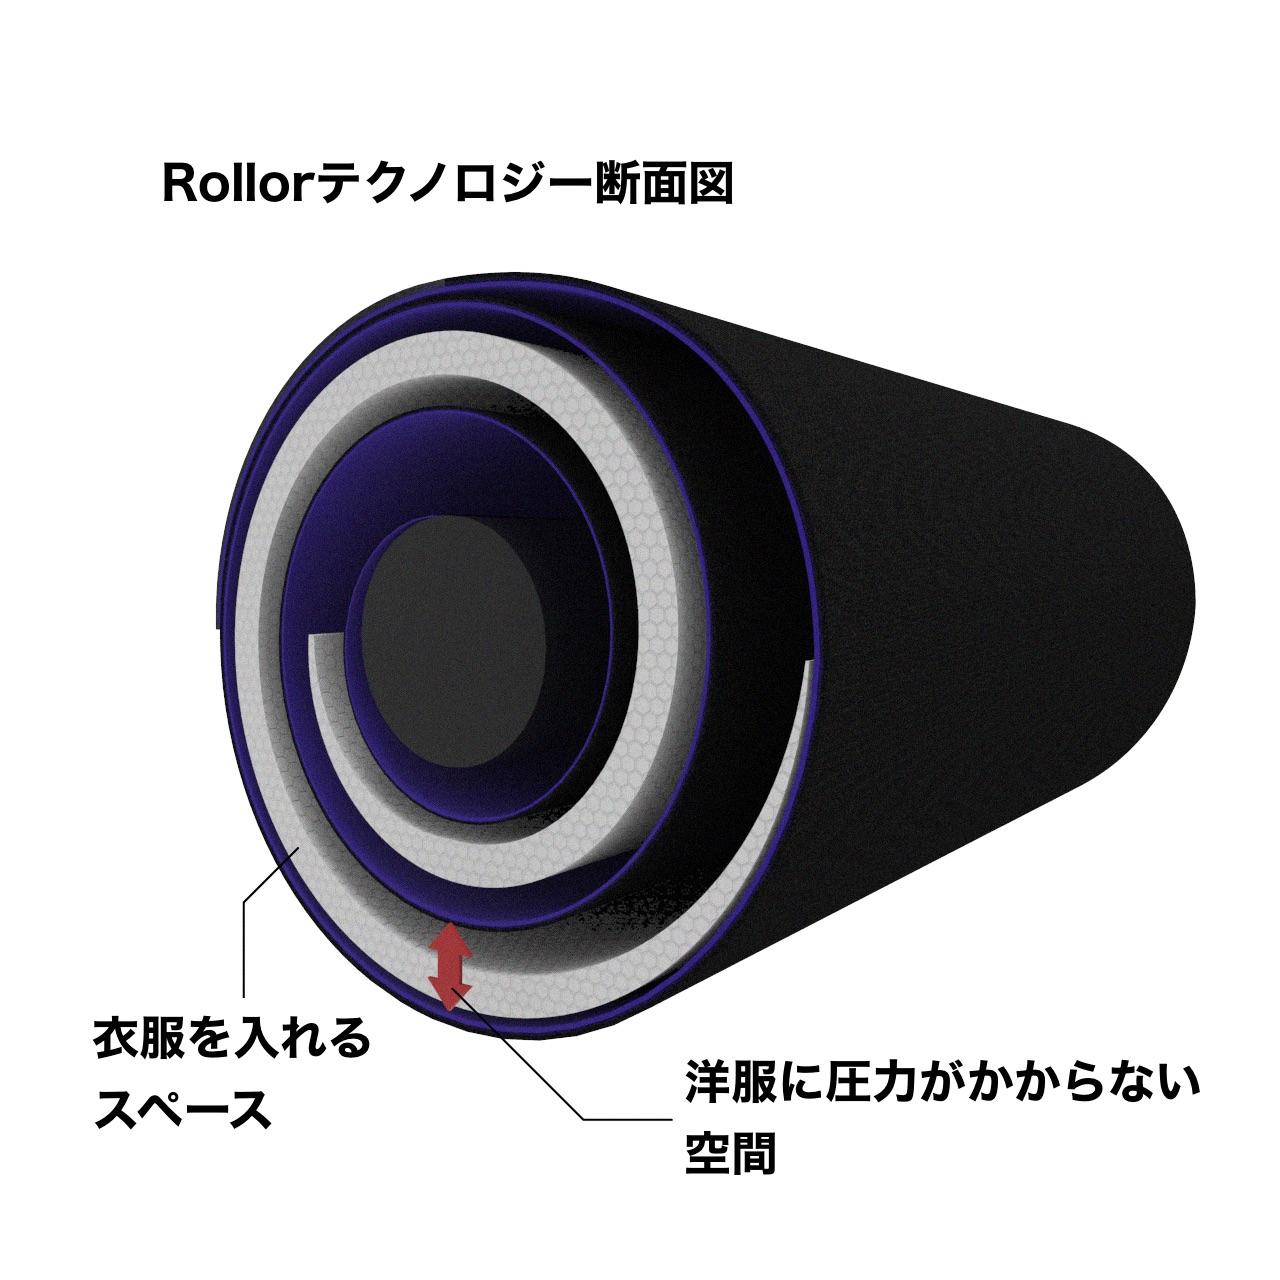 Rollorテクノロジー